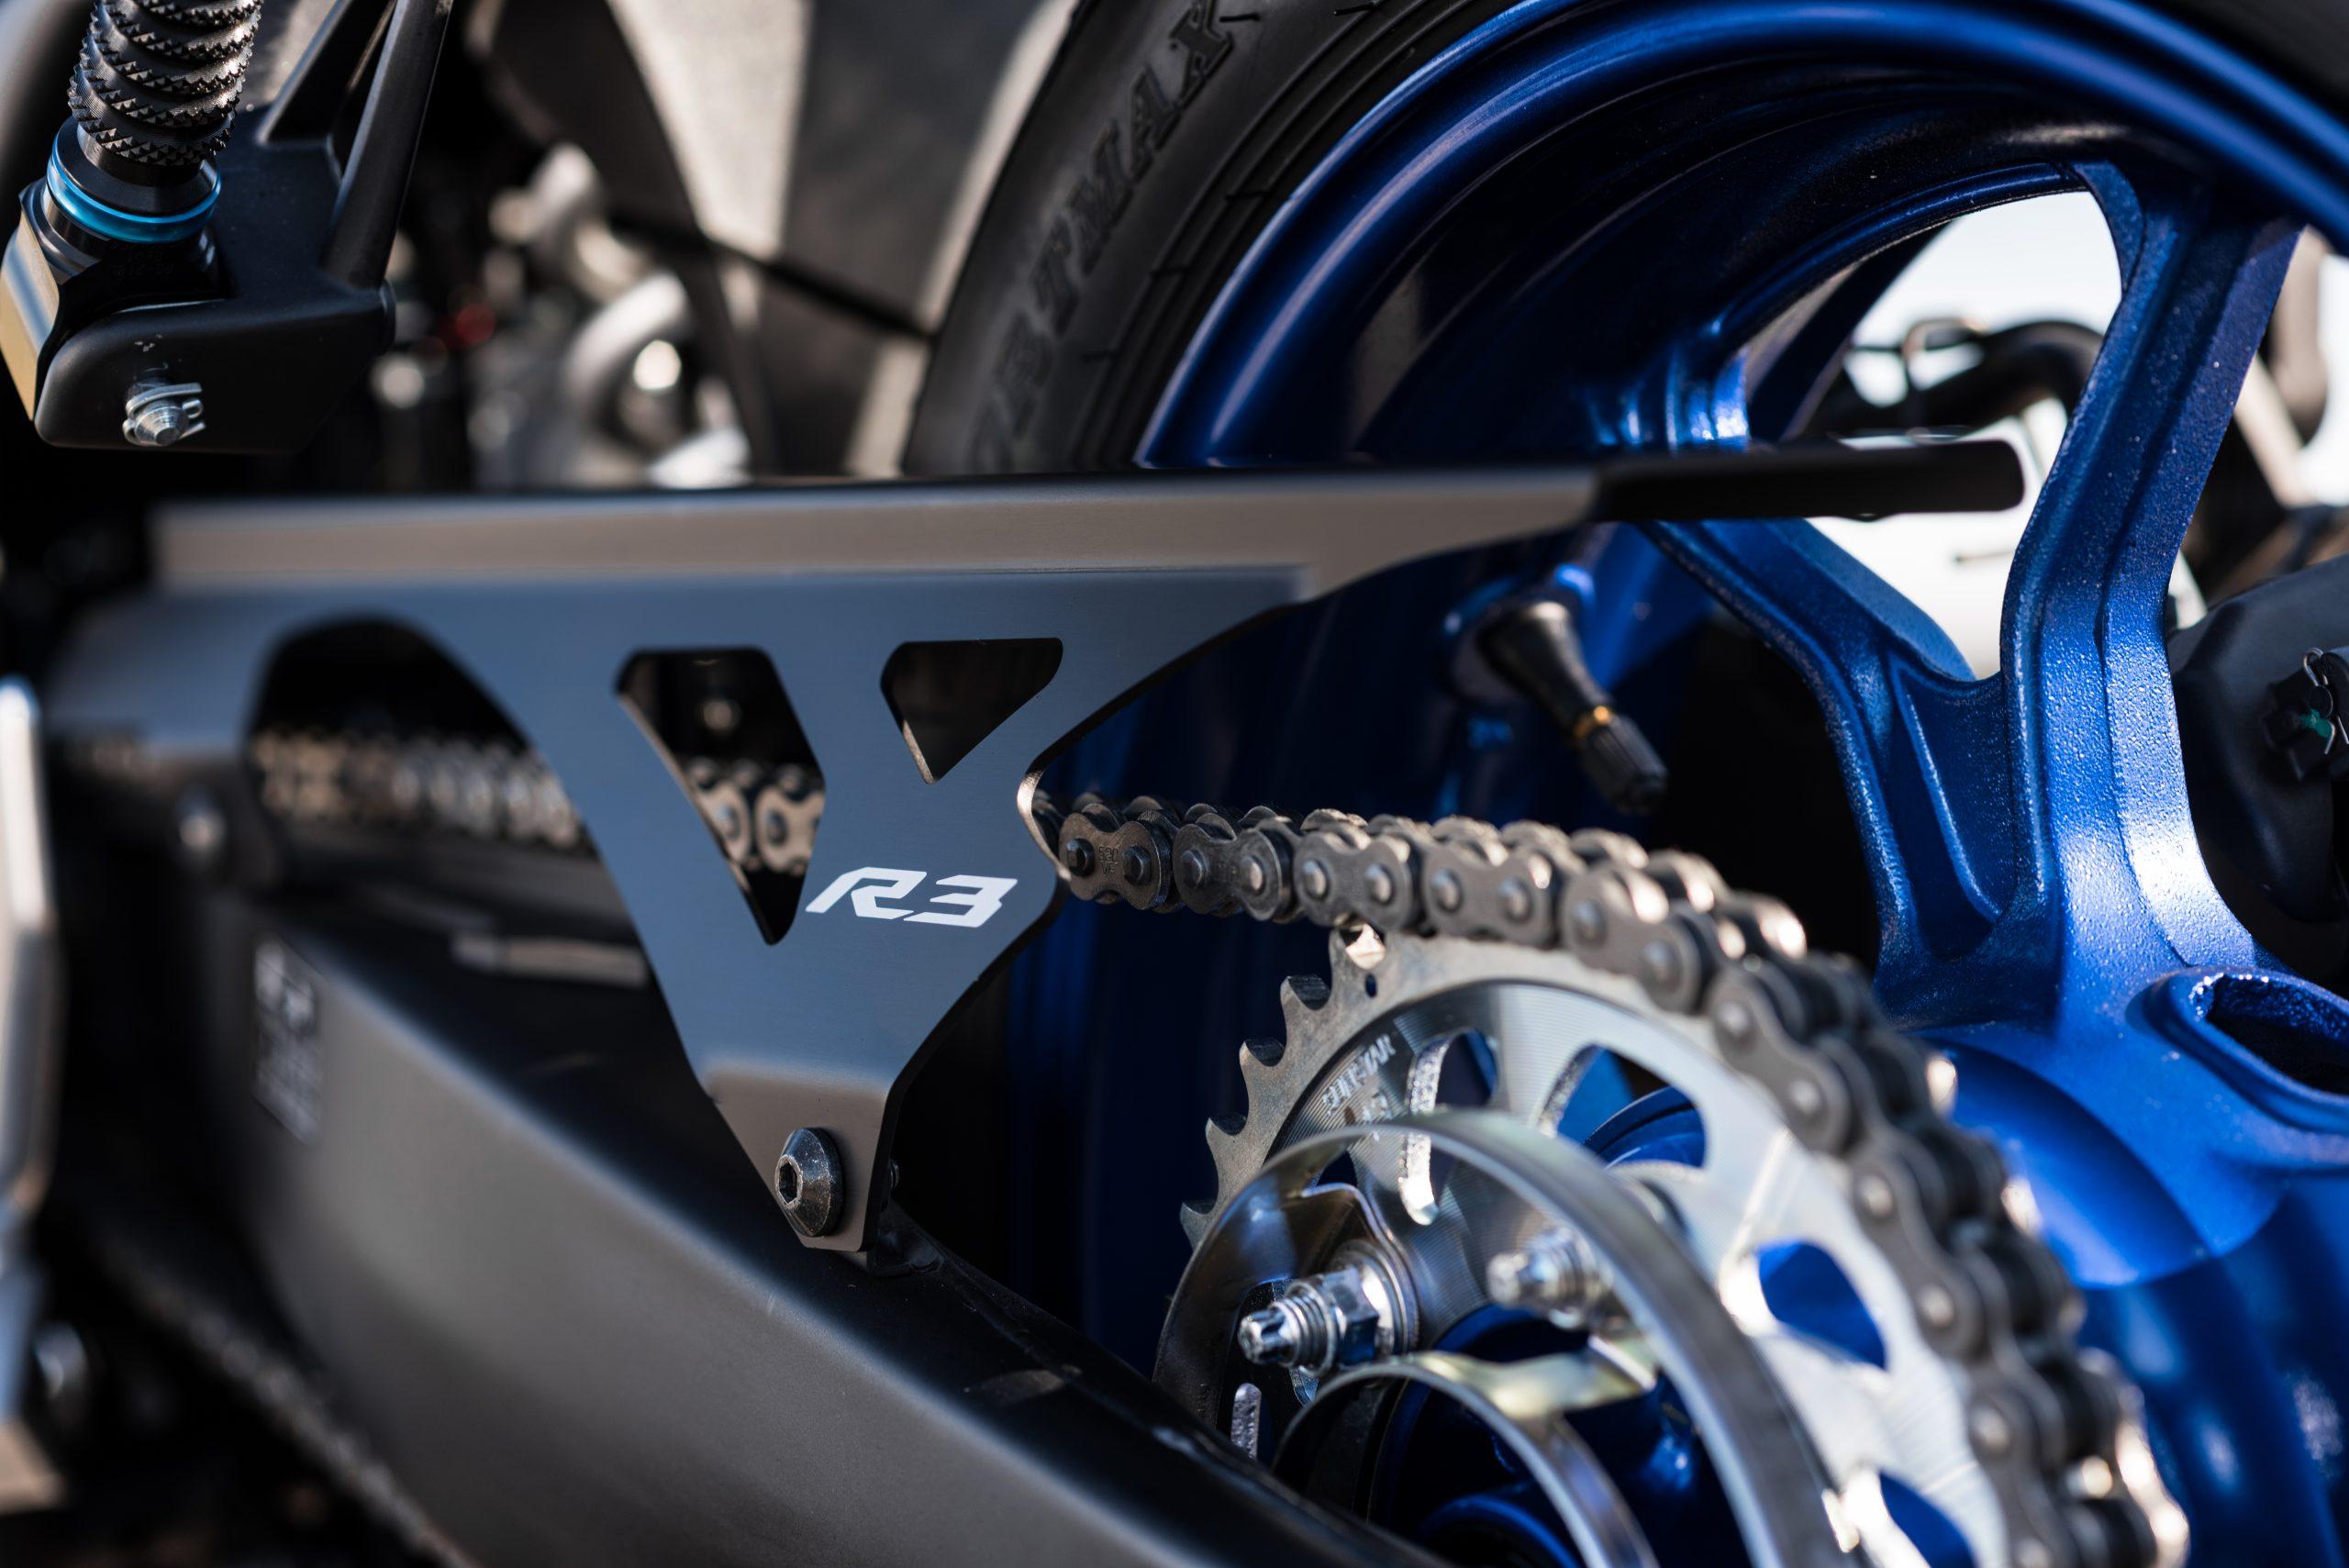 Yamaha R3 – 13